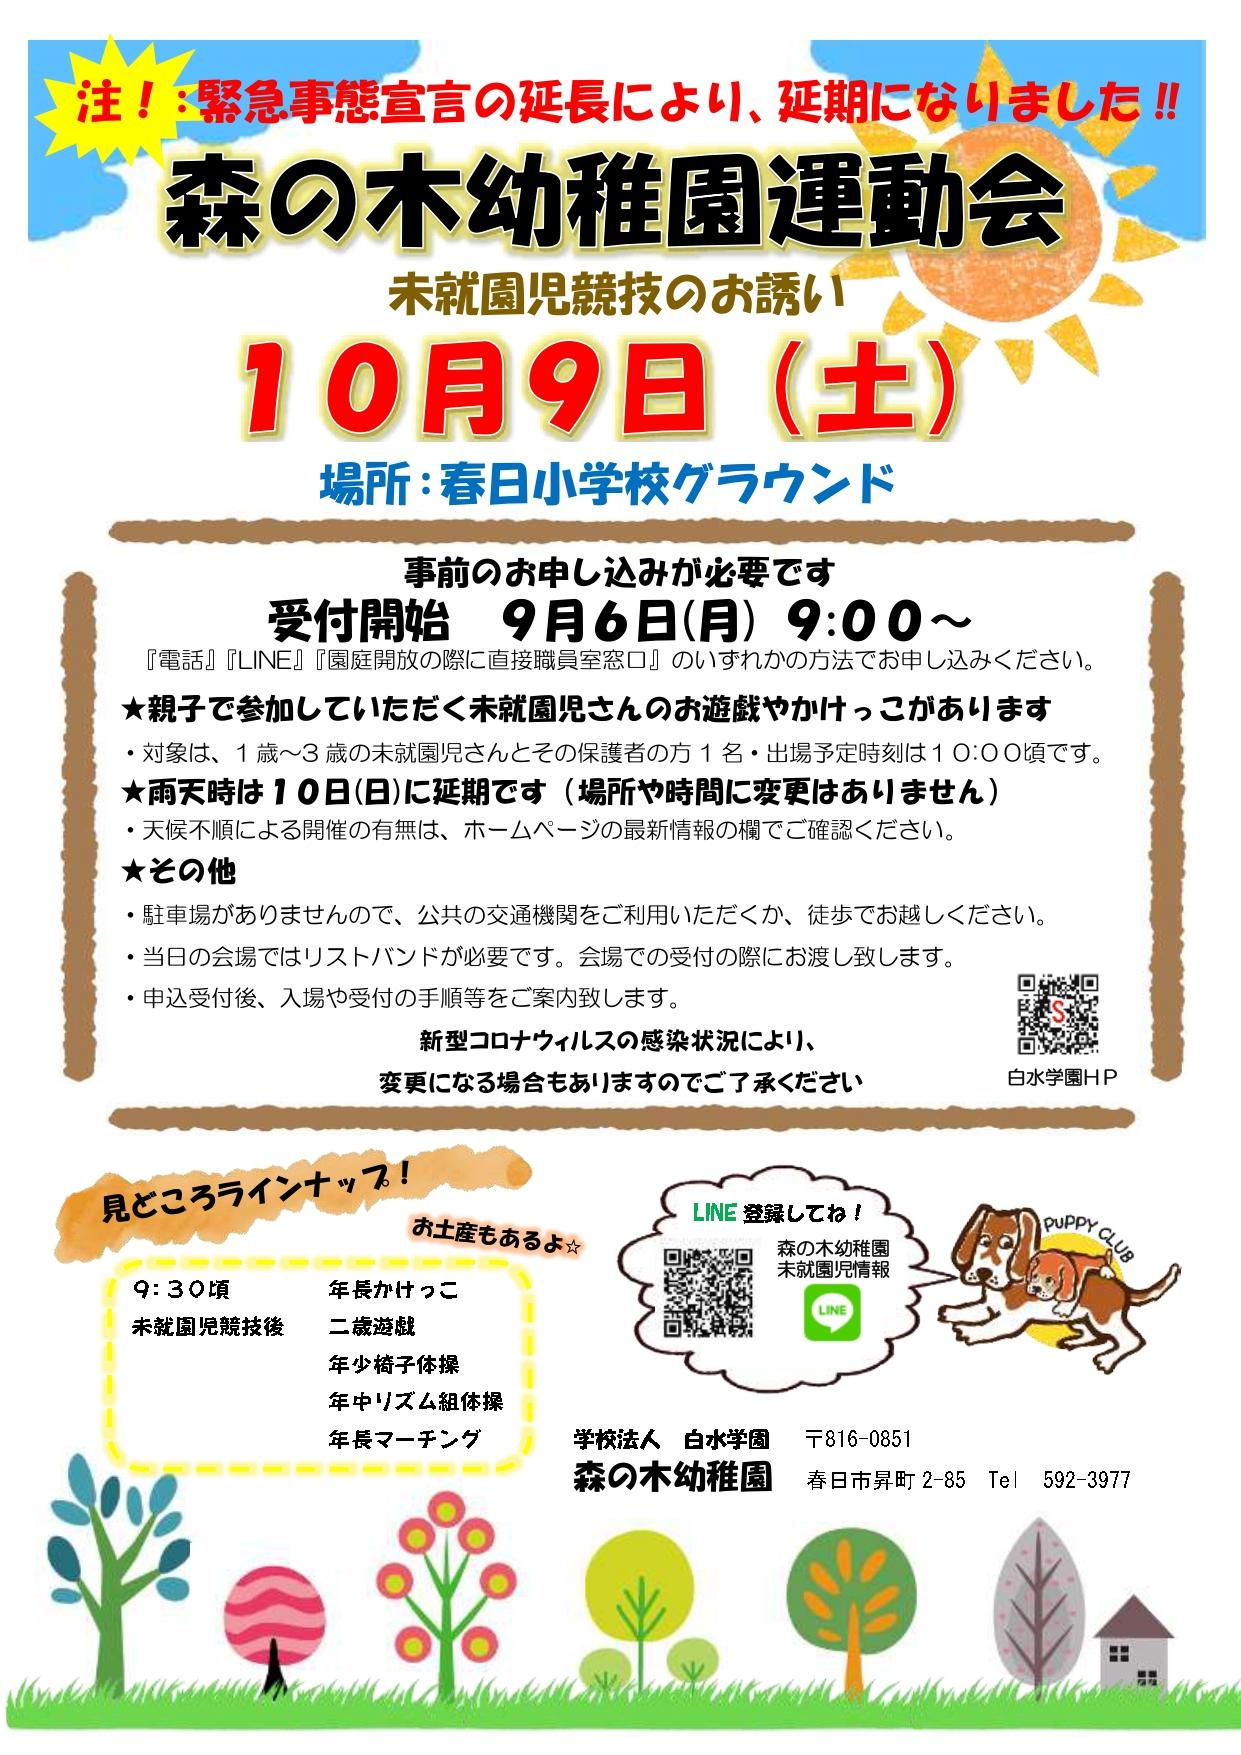 『森の木幼稚園運動会』延期のお知らせ